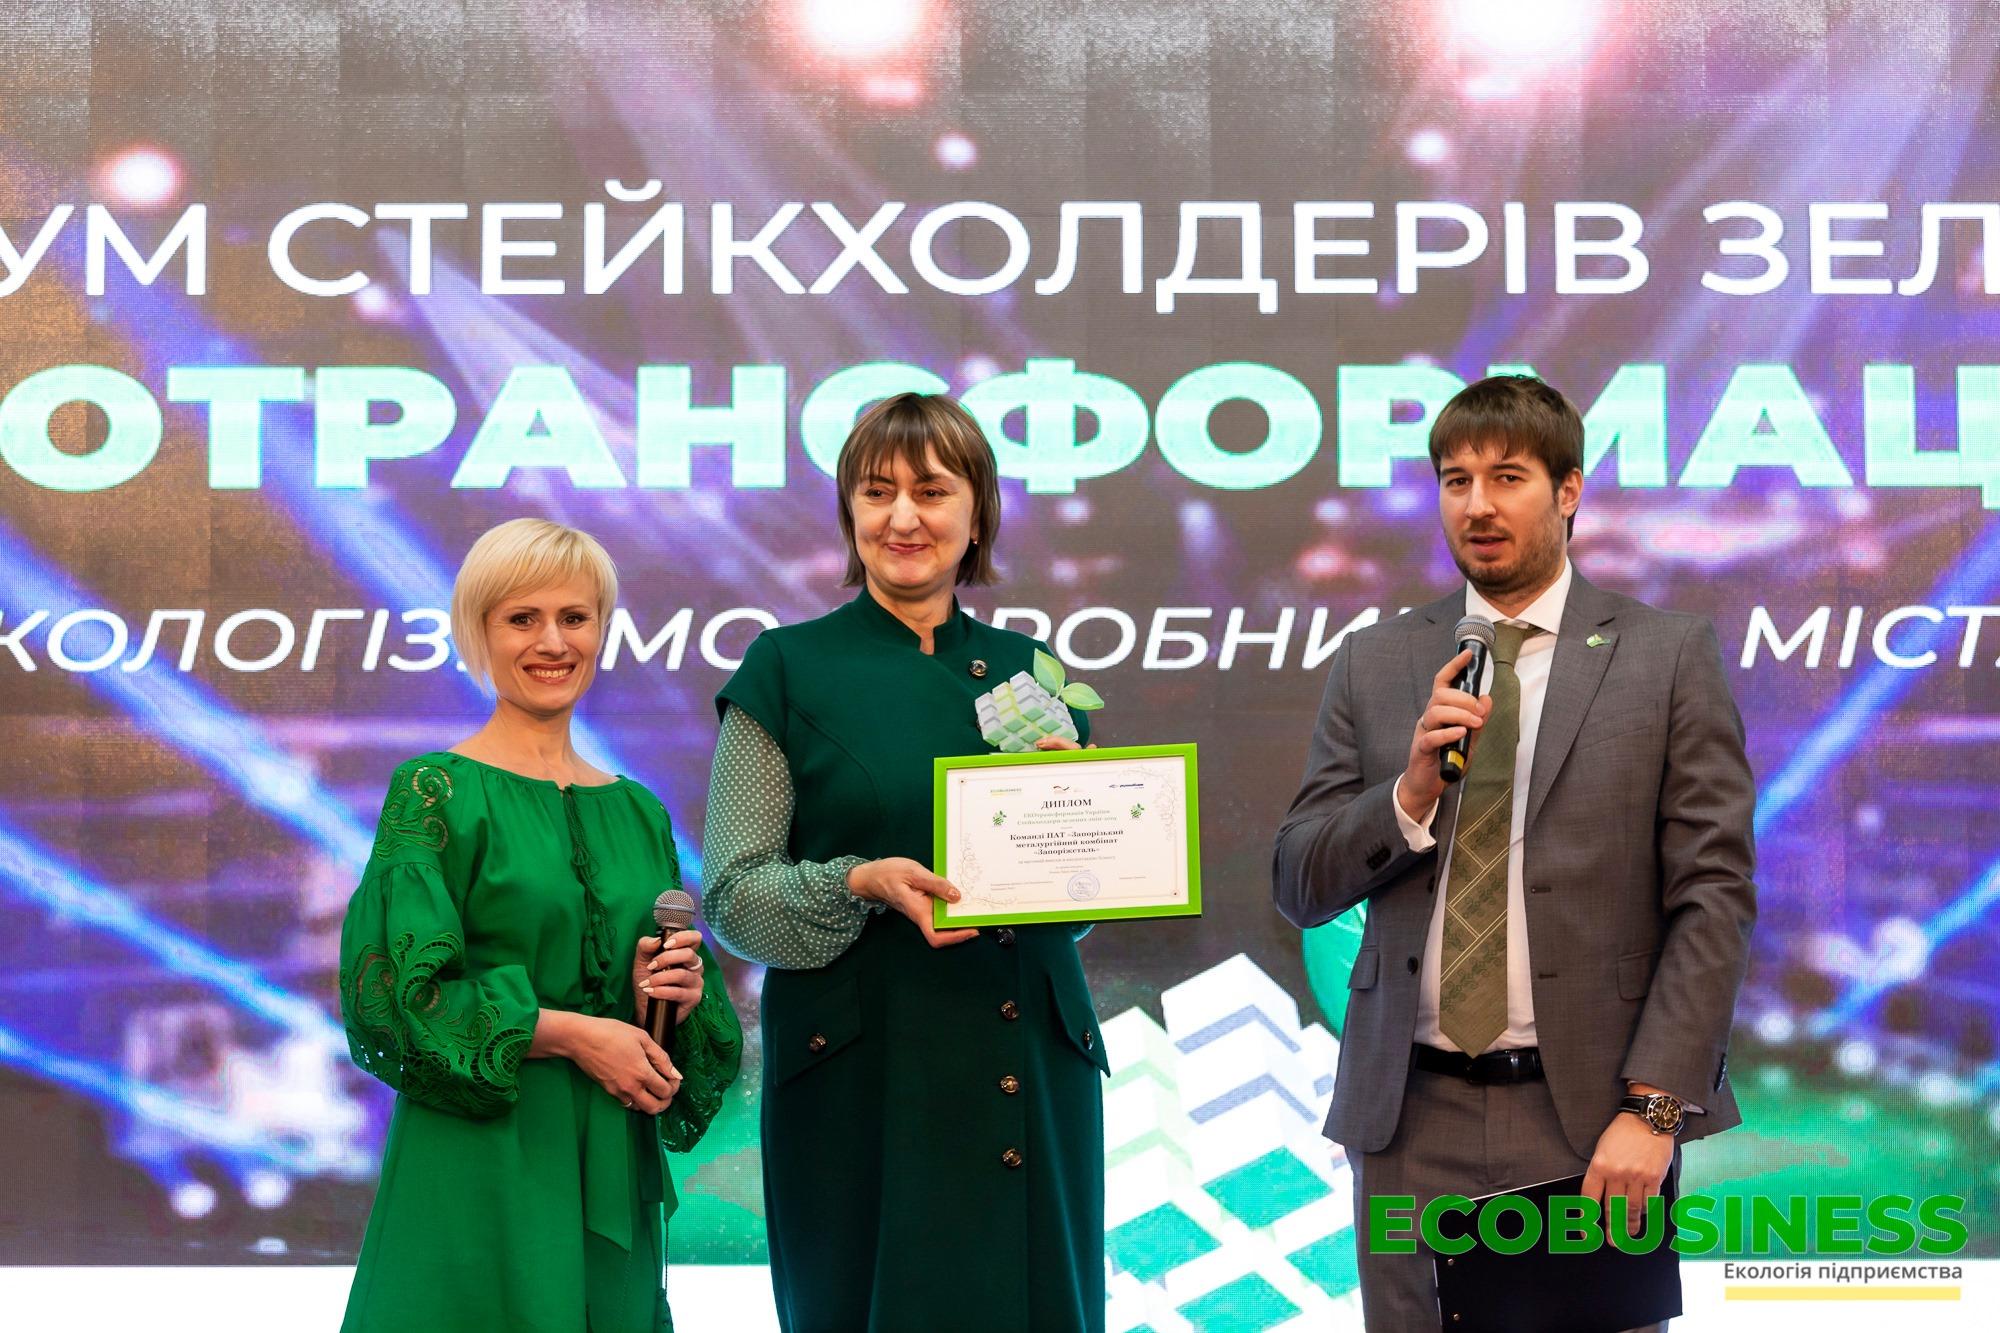 Экологический налог в Украине регулярно повышается, но экологическая обстановка не становится лучше